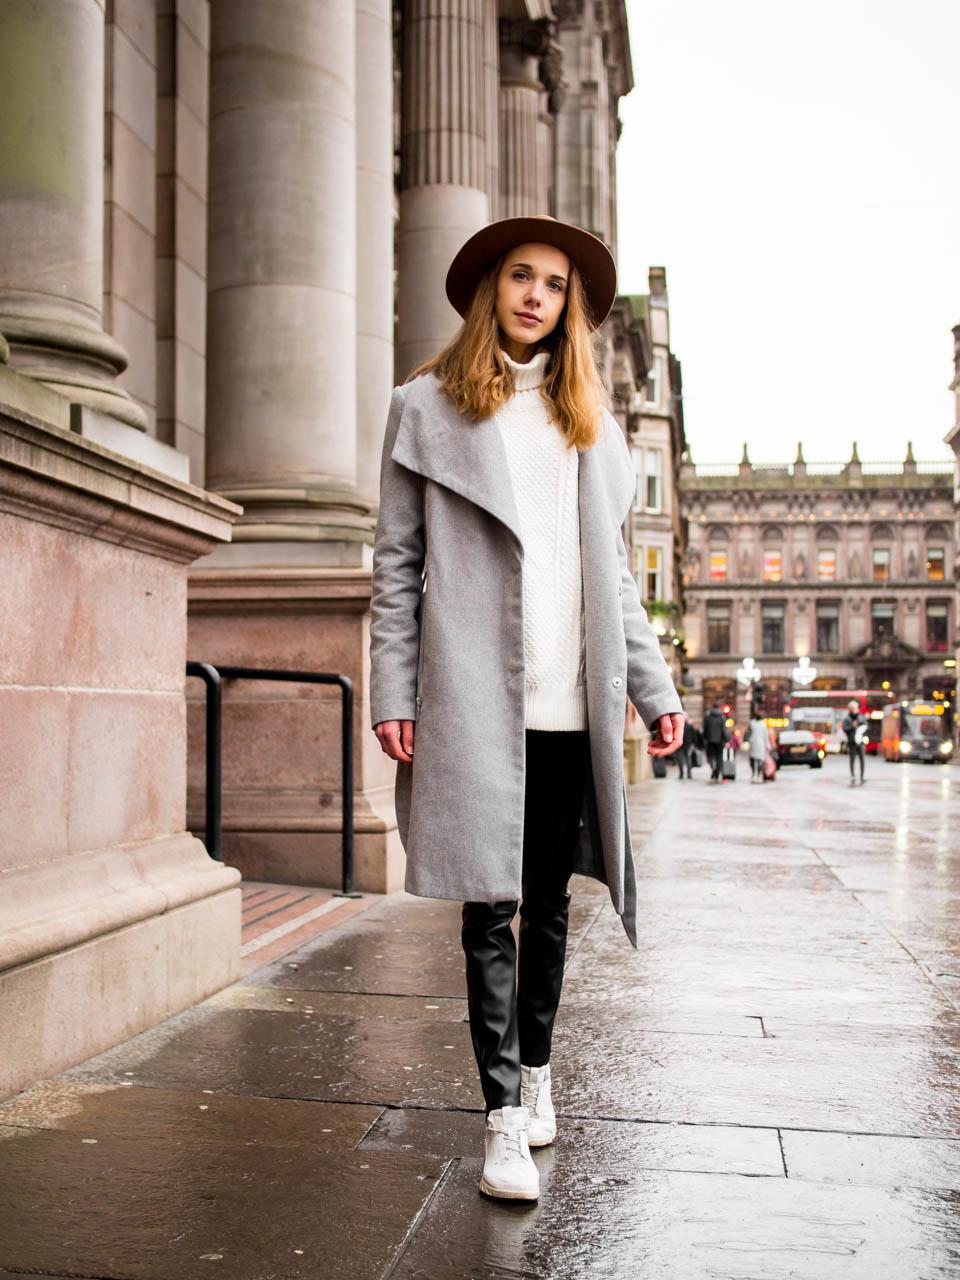 How to wear menswear with womenswear - Kuinka yhdistää miesten vaatteita naisten vaatteisiin, muotibloggaaja, inspiraatio